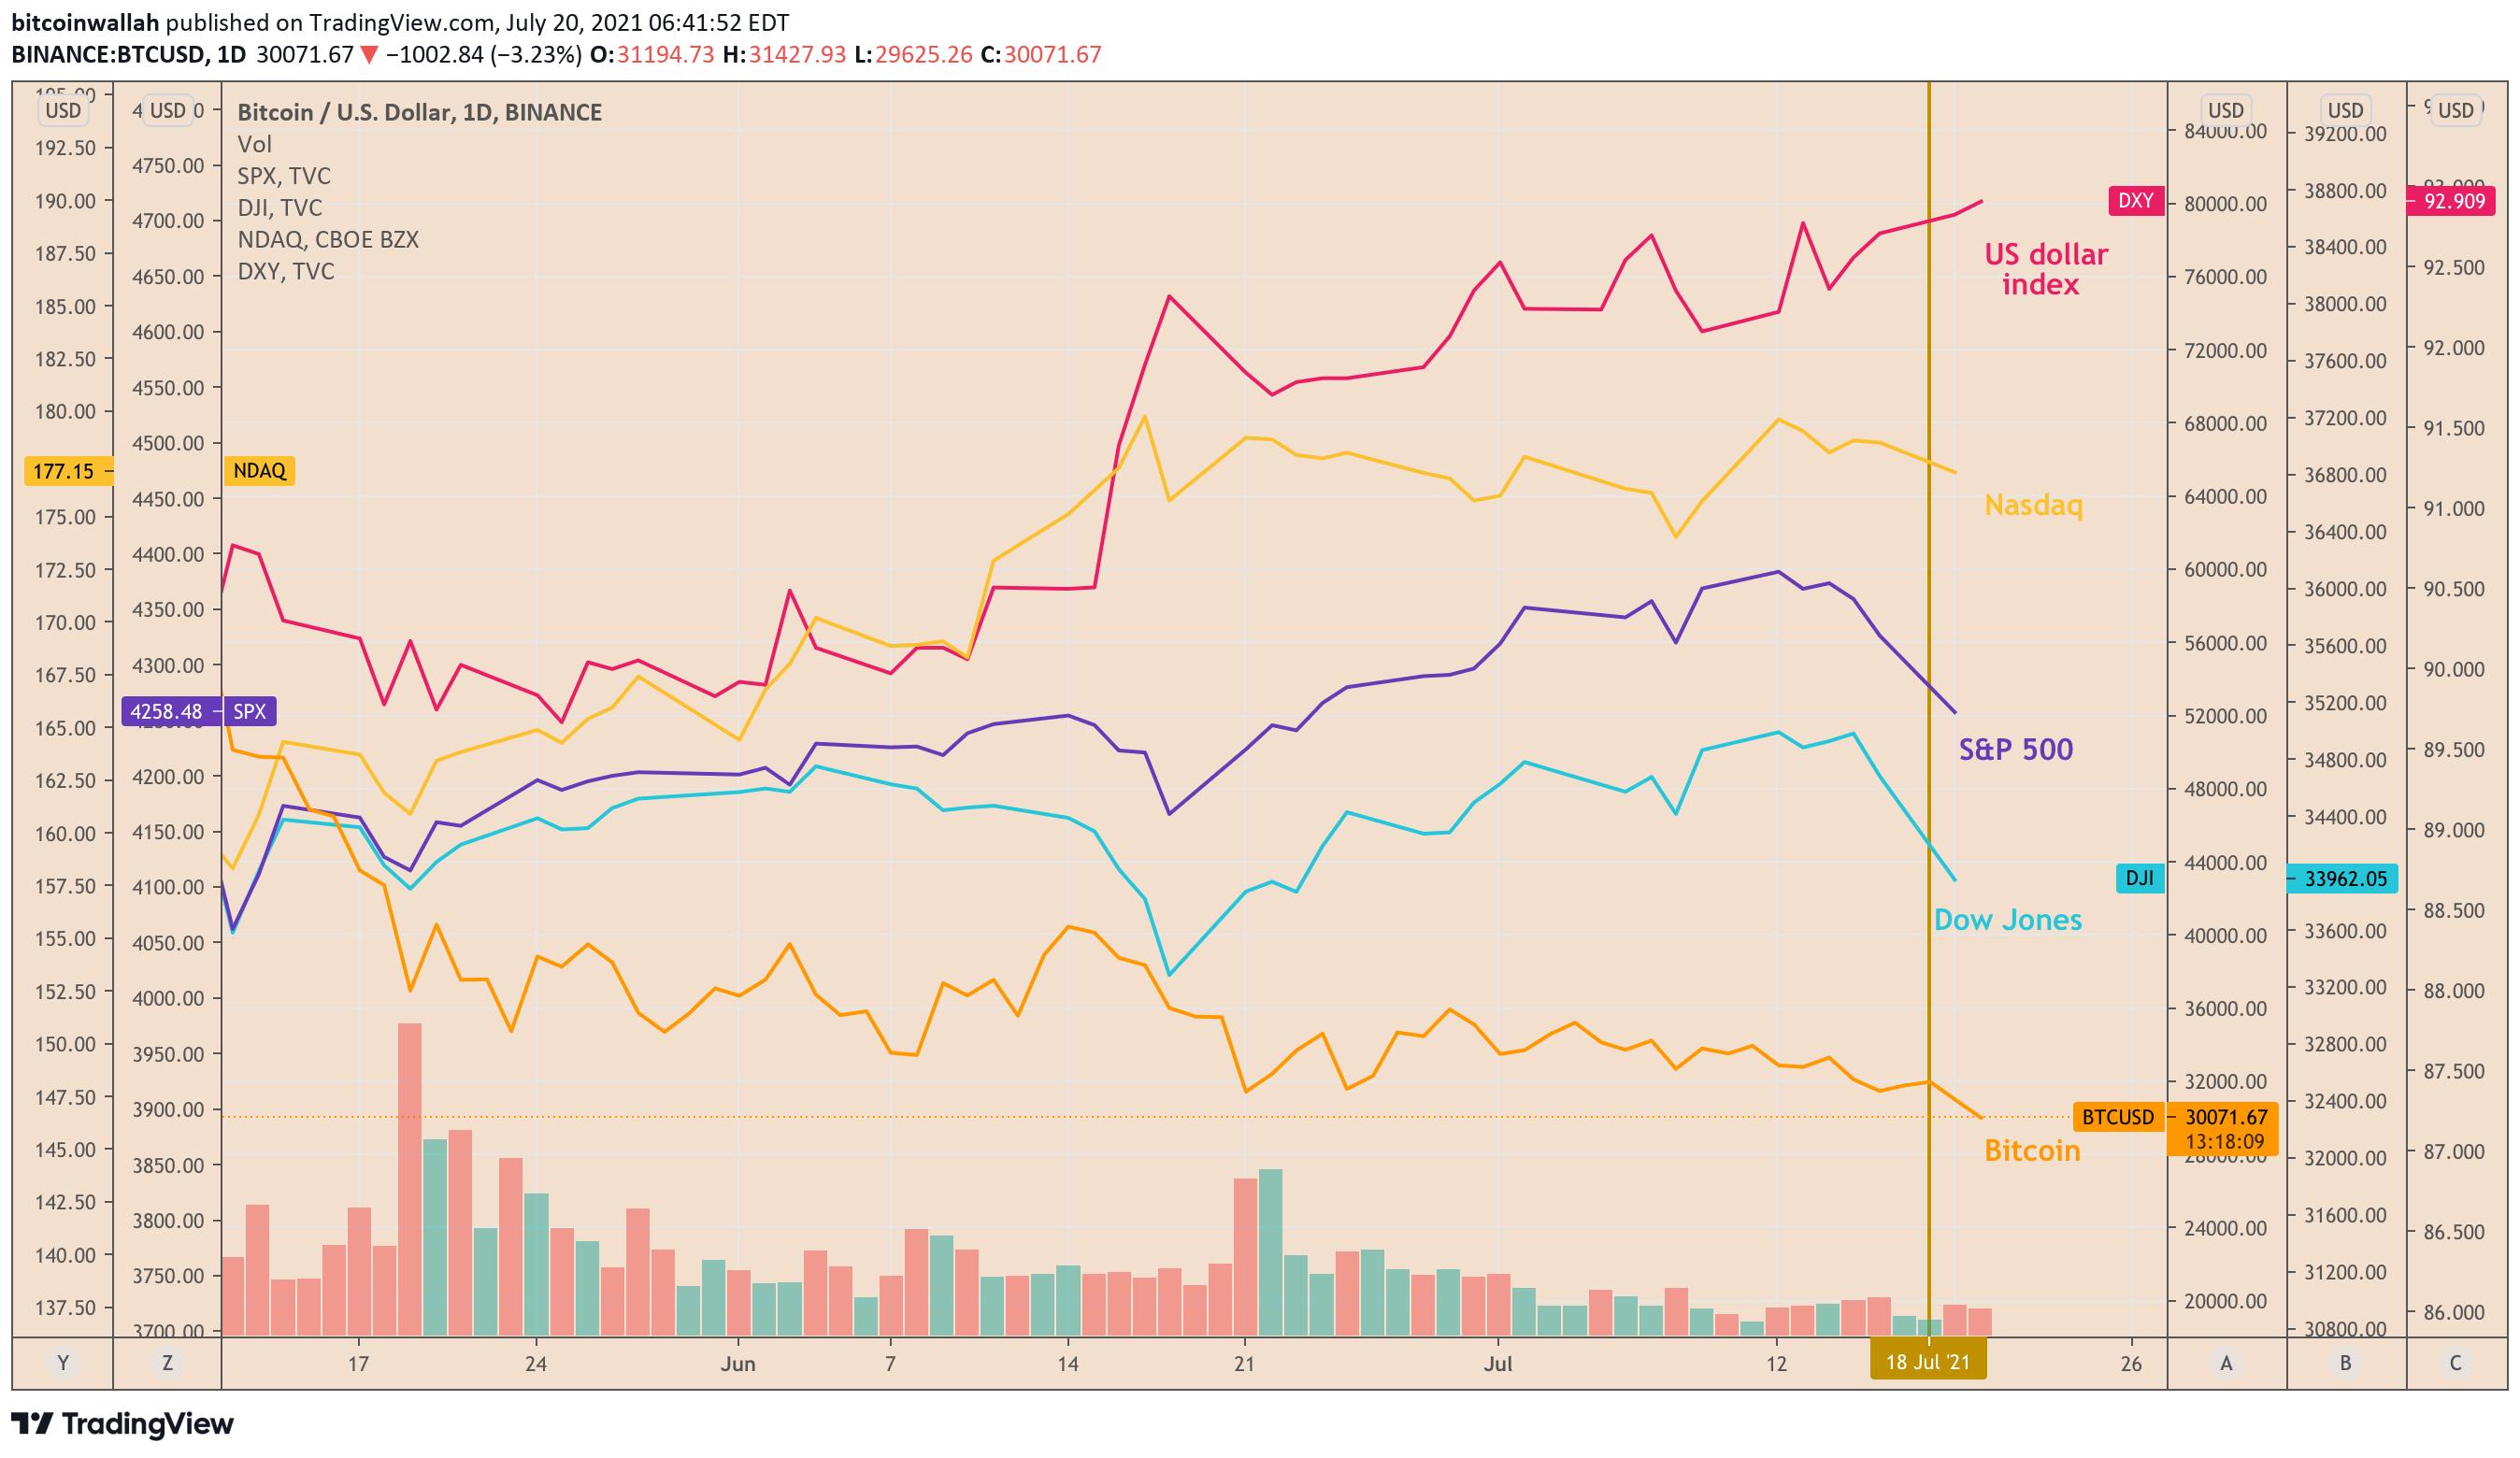 Биткойн упал вместе с фондовым рынком США 20 июля